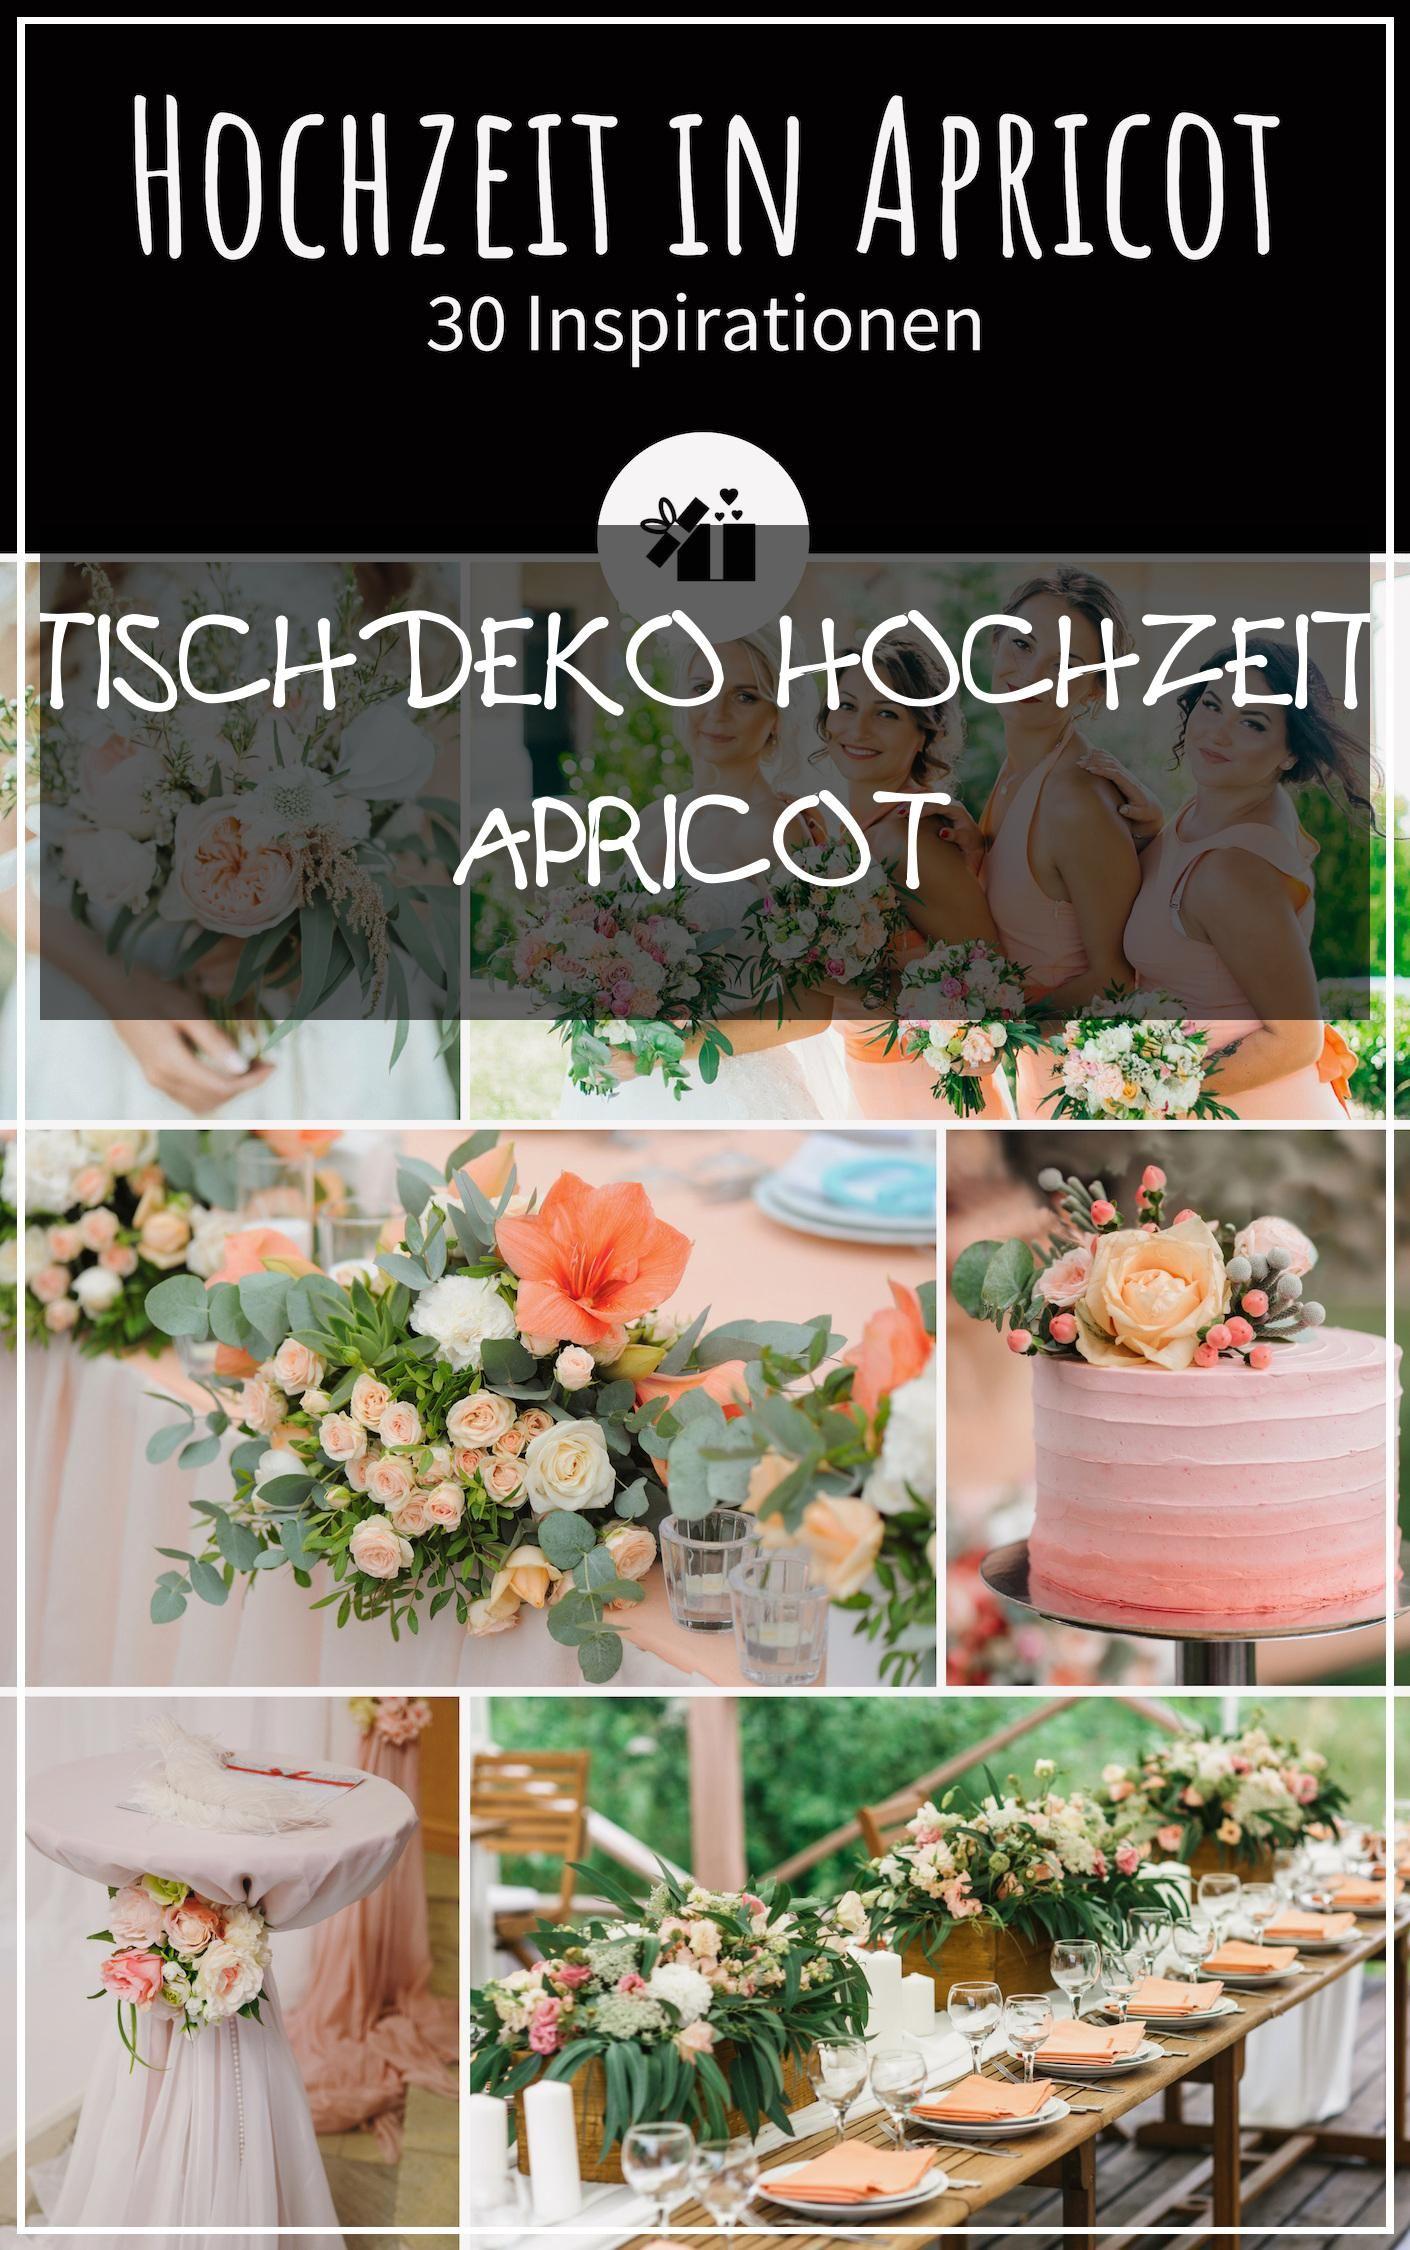 Top 15 Tischdeko Hochzeit Apricot Di 2020